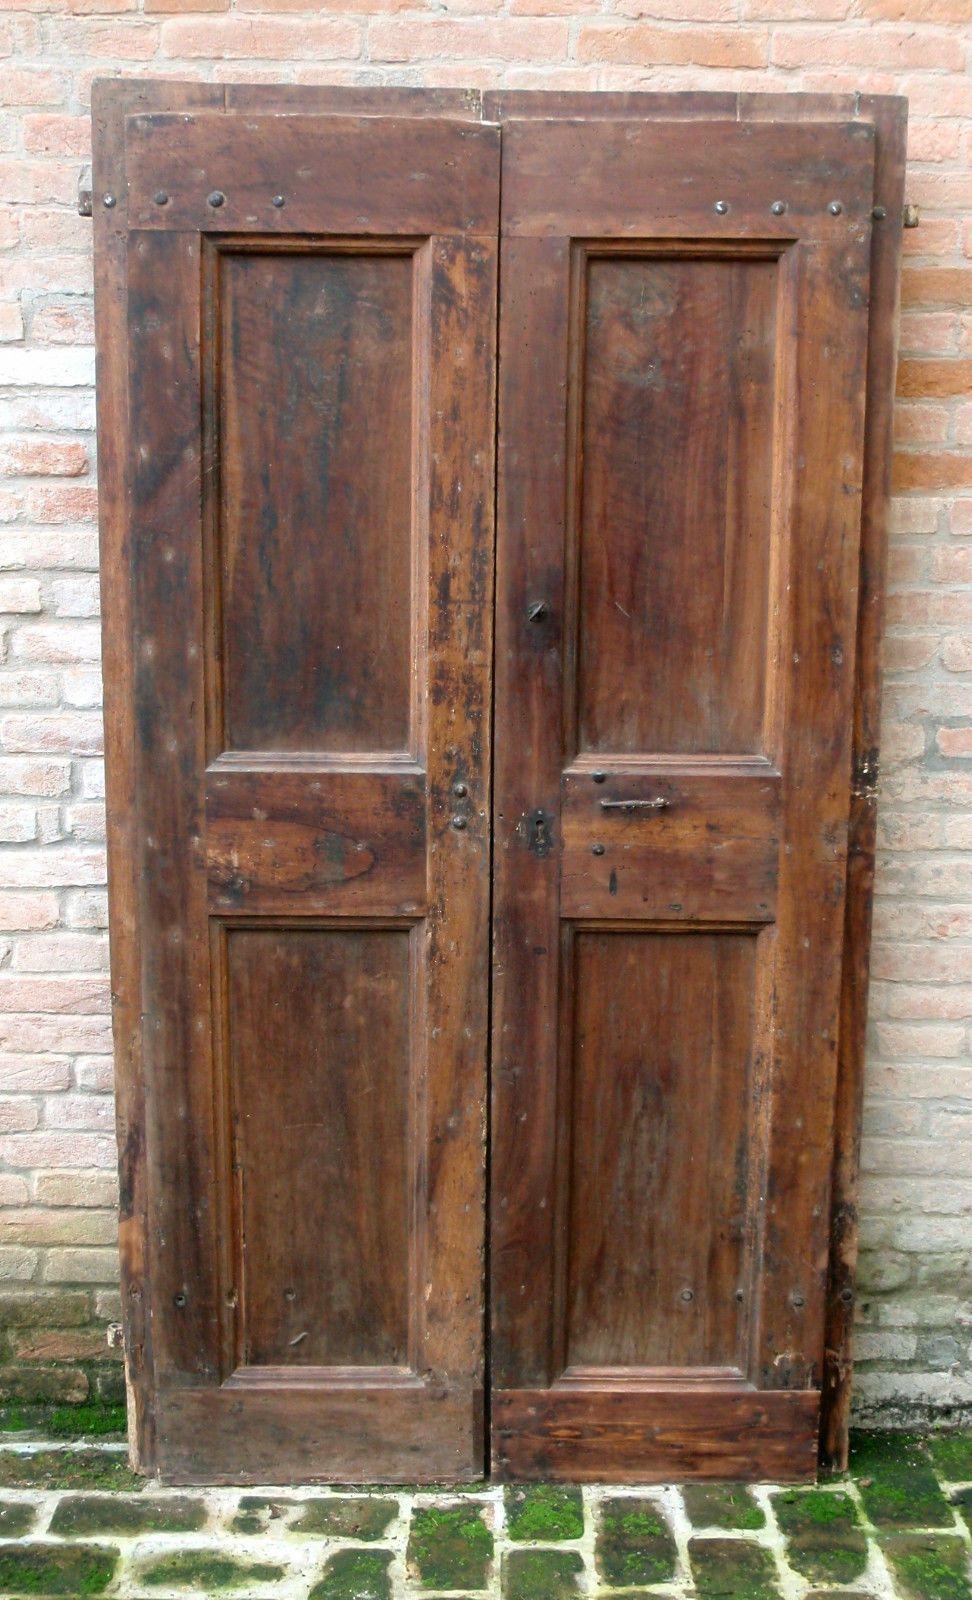 Porte antiche a 2 ante in rovere del 39 700 cm210x110 una for Porte antiche rustiche